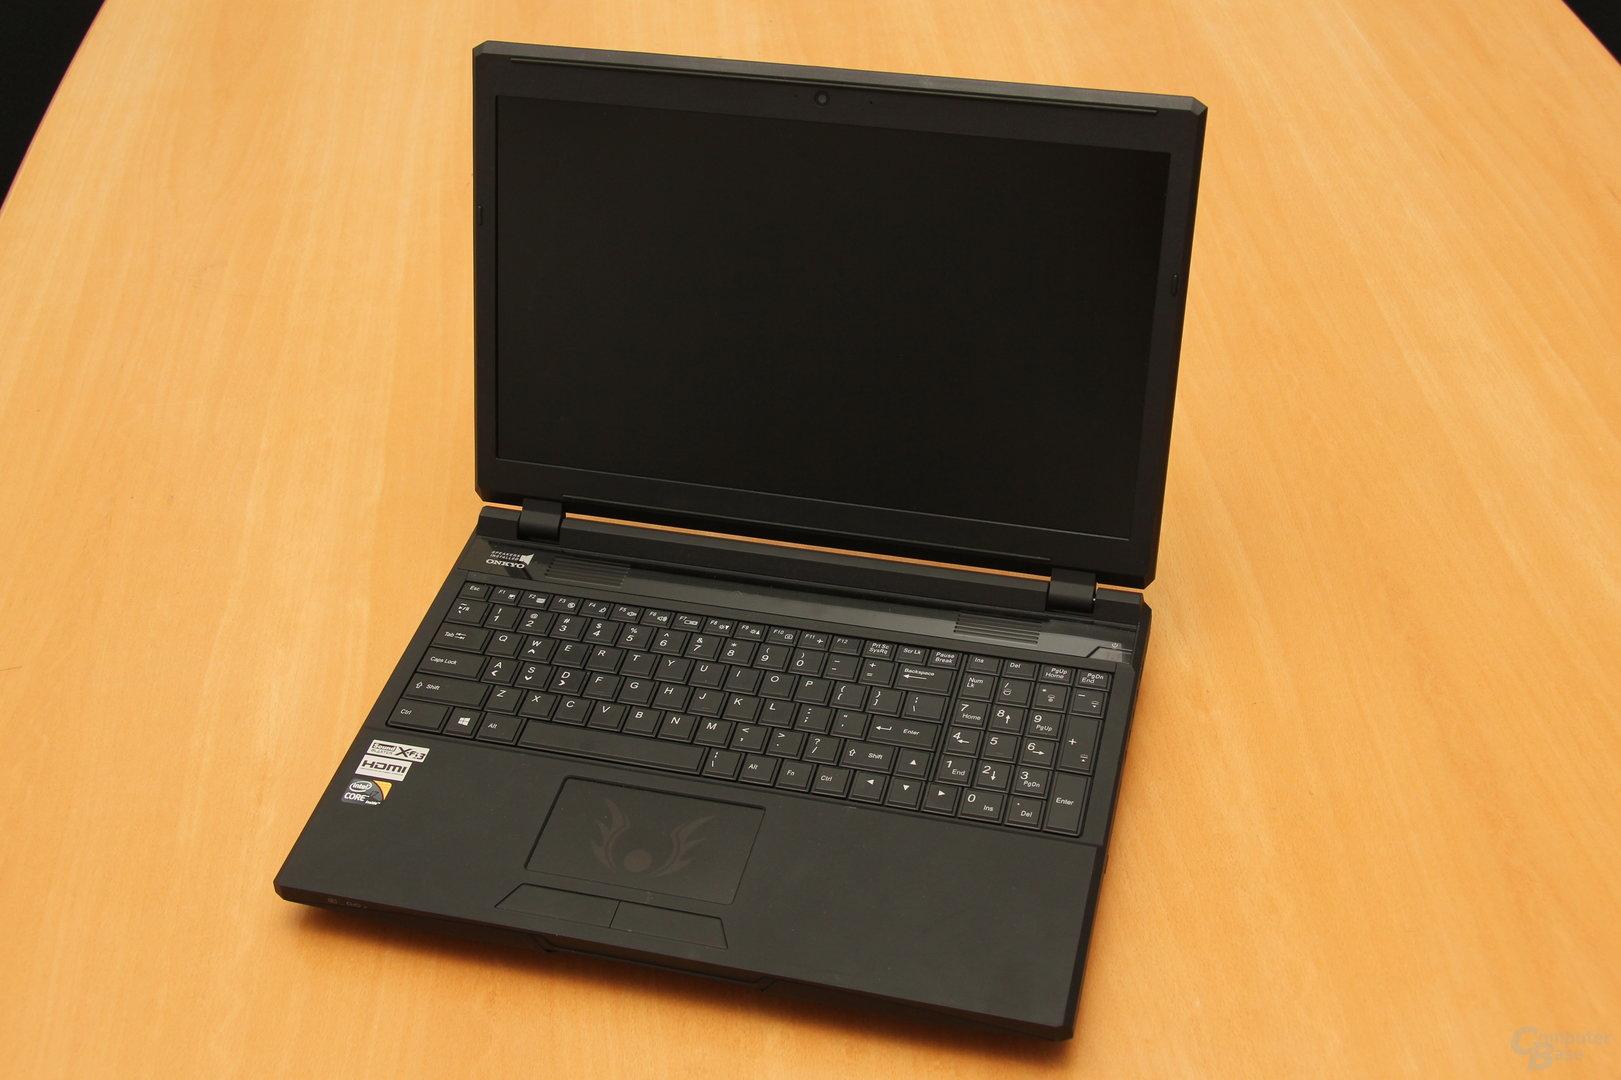 Schenker XMG P503 Pro - Tastatur und Bildschirm